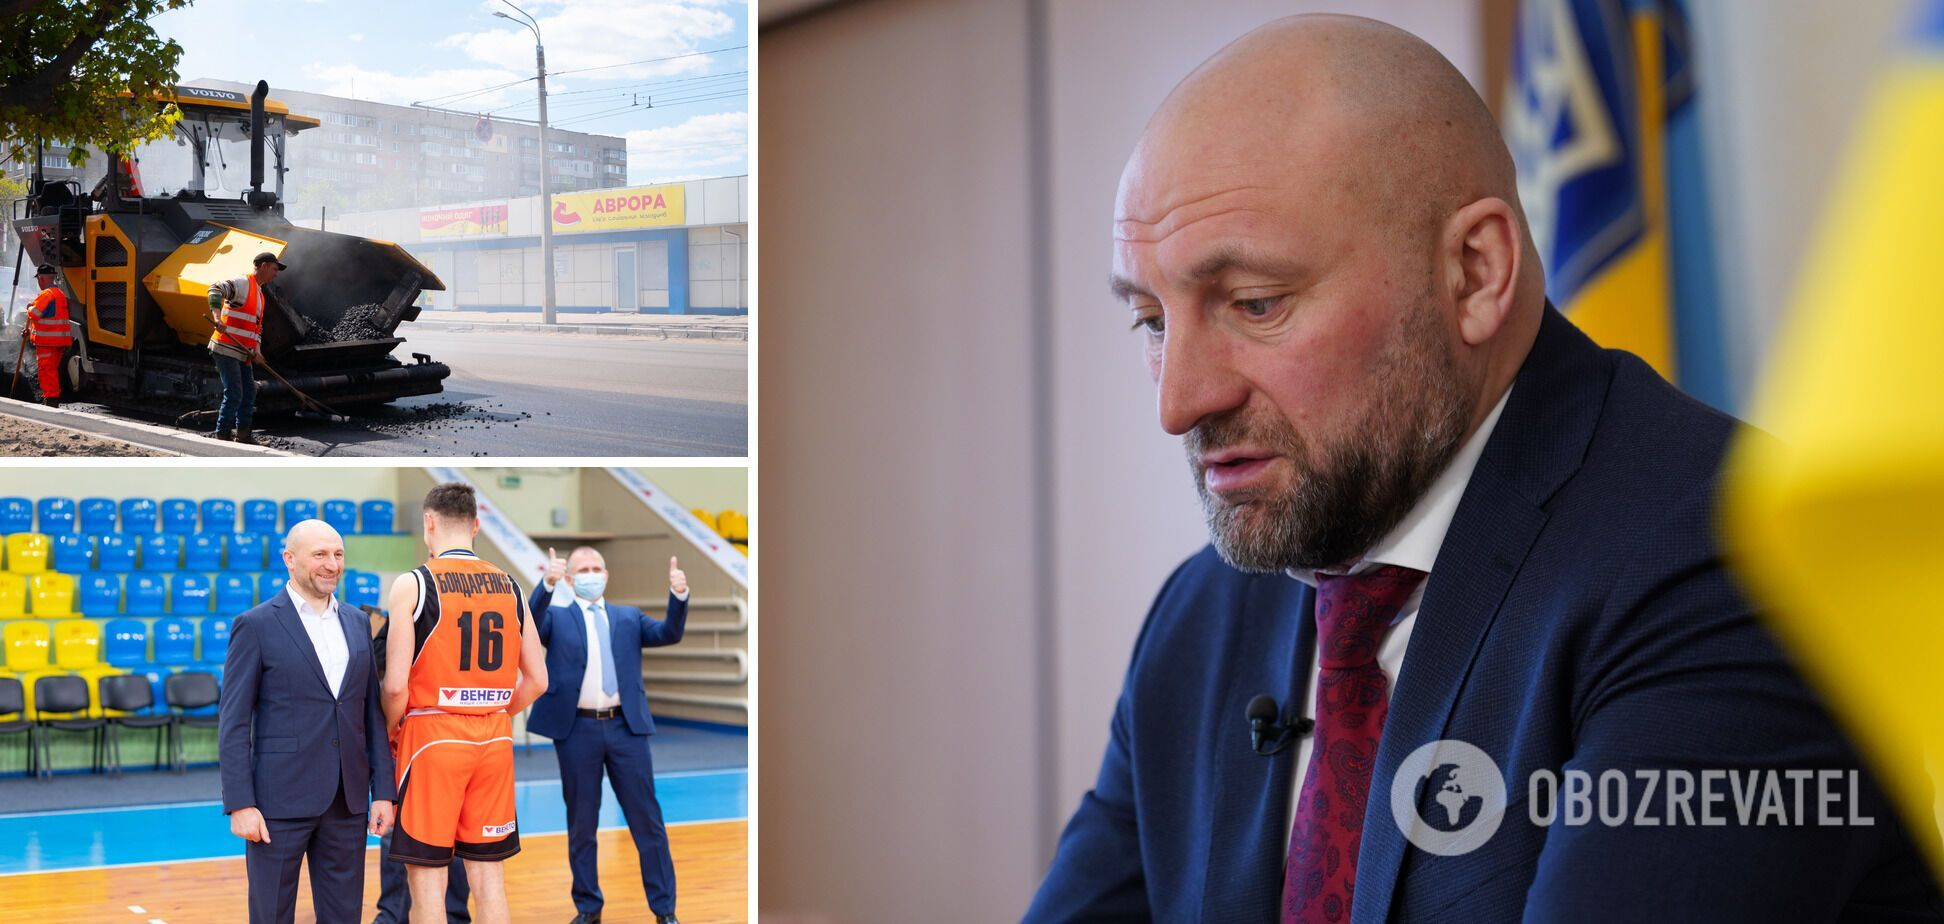 Мер Черкас Бондаренко: вакцинація в Україні повністю провалена, а міста змушені виживати